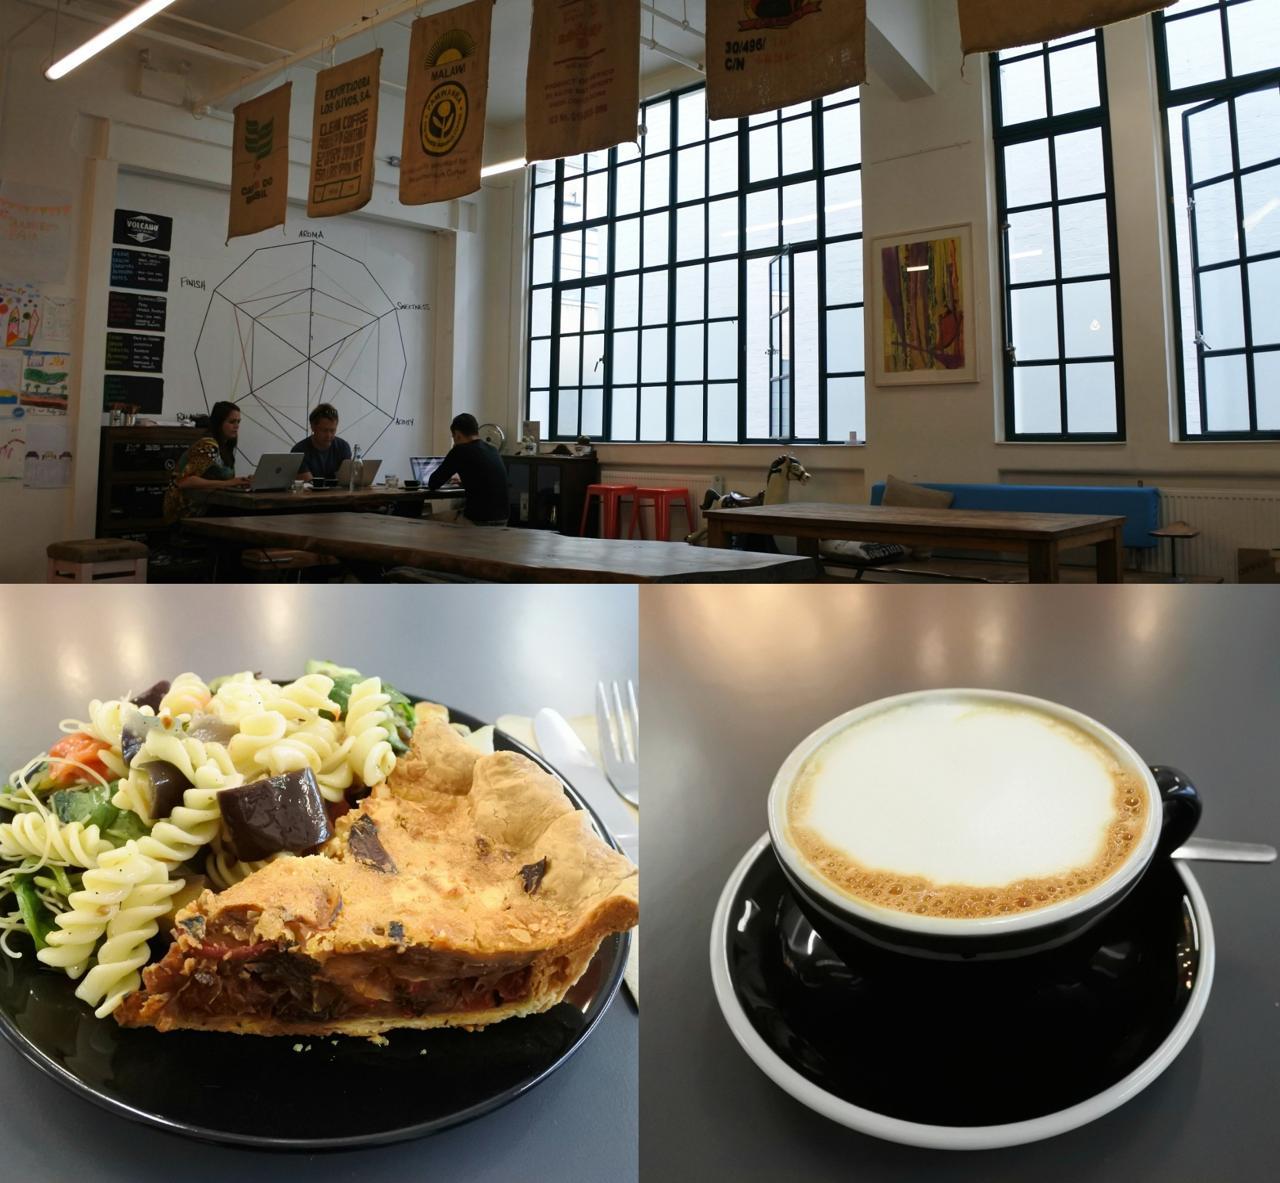 根菜のパイはパイ生地がサクサクで美味しかったです♪ 奥はビル内のオフィスで働く人達のミーティング・スペースとしても利用されているみたい